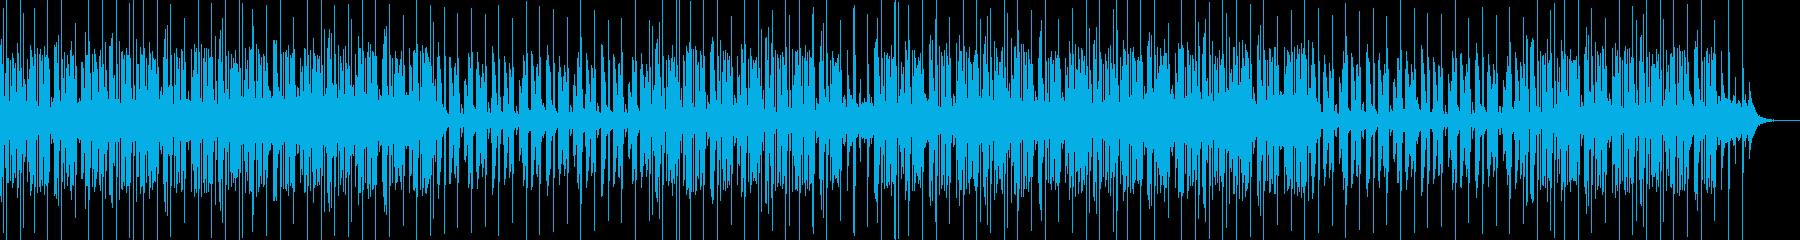 切ないトラップヒップホップエンディングの再生済みの波形